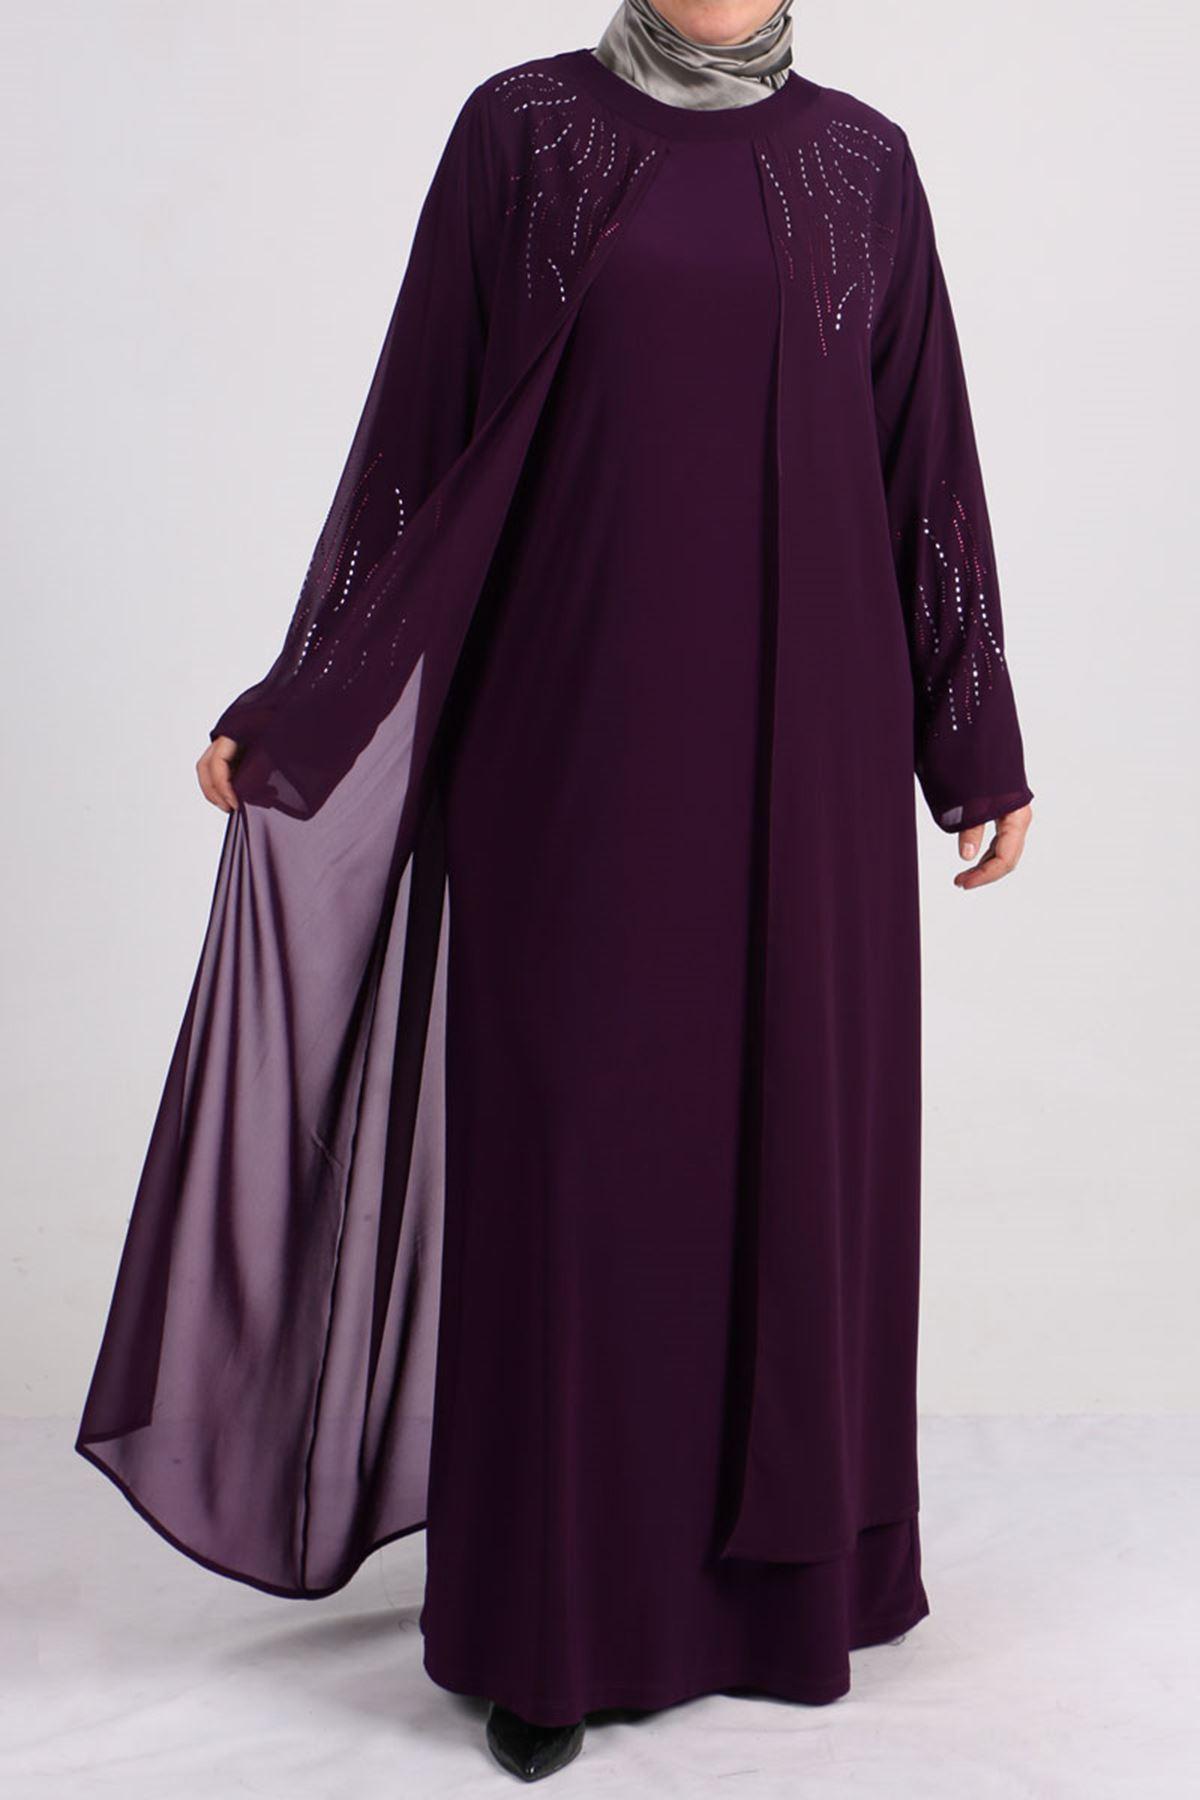 2086 Büyük Beden Sandy-Şifon Taş Baskılı Abiye Elbise - Mor